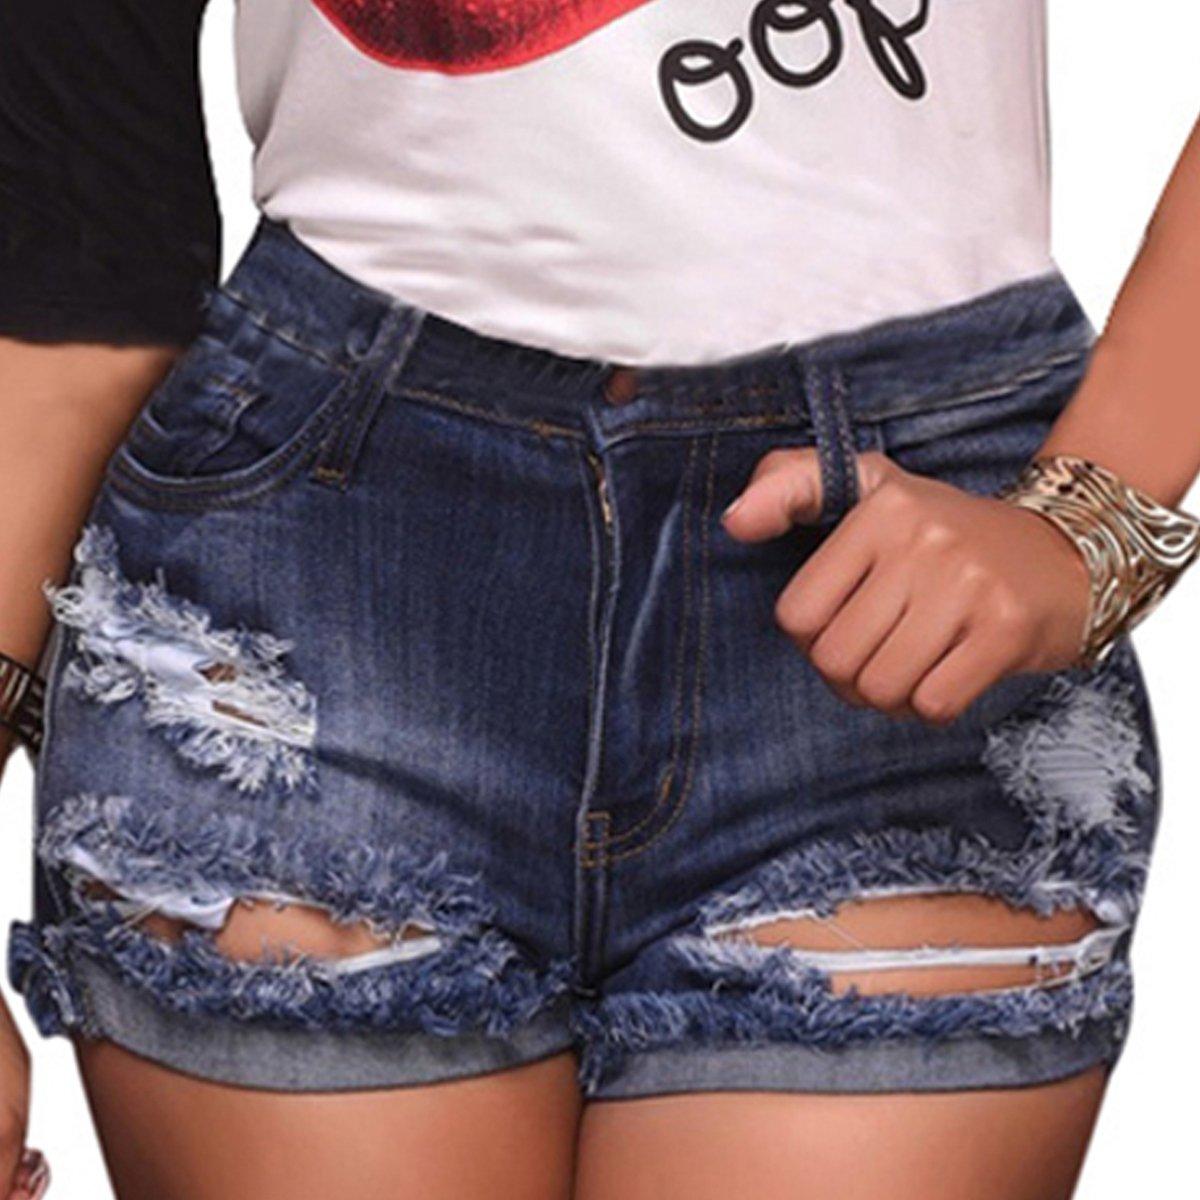 vanberfia Women's High Waist Denim Jean Raw Hem Ripped Shorts with Pockets (JS2018211, L)